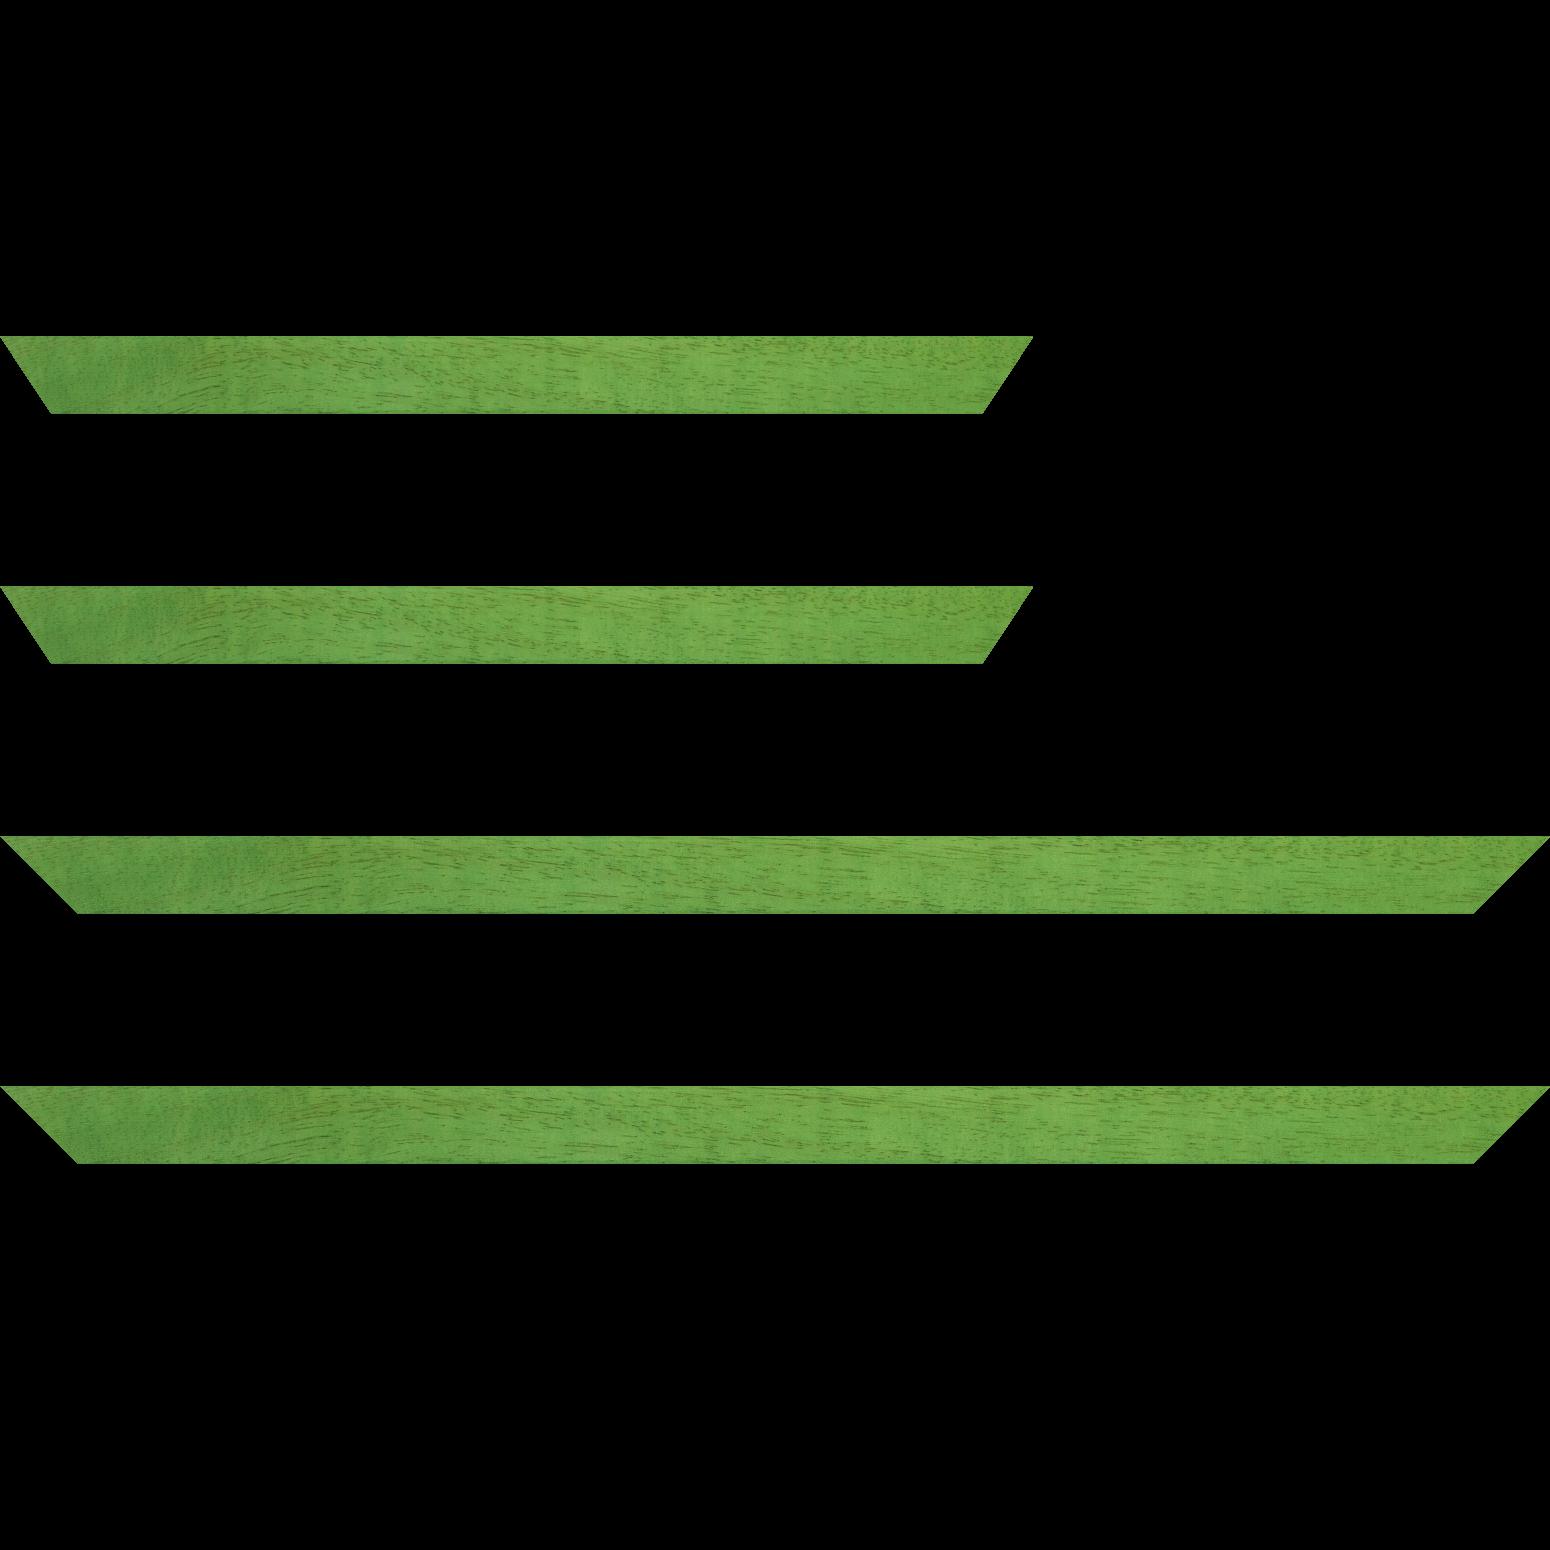 Baguette service précoupé bois profil plat largeur 2.5cm couleur vert menthe satiné